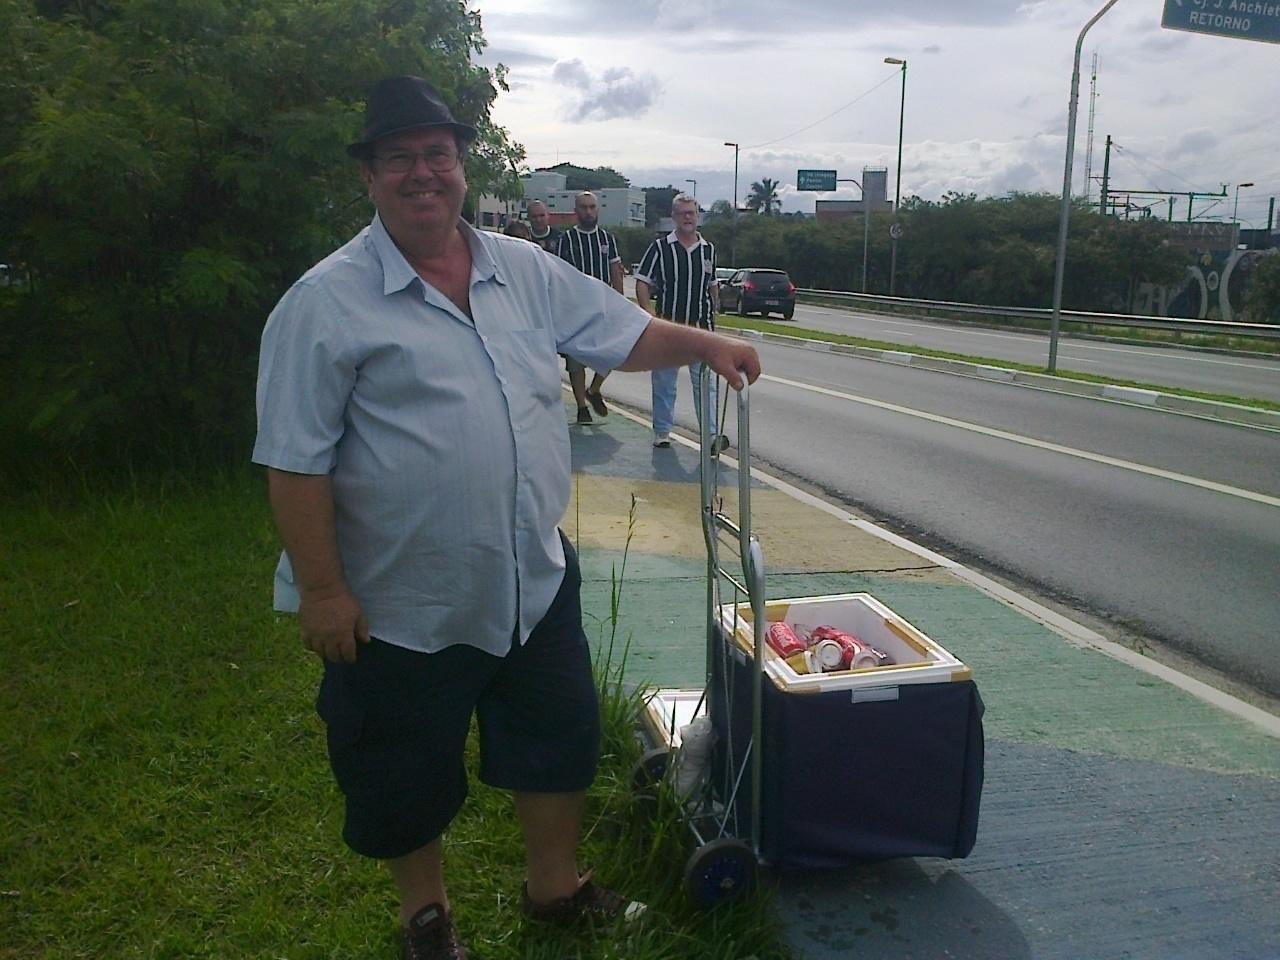 Ao longo do trajeto, existem vendedores ambulantes, como Antonio Rosseto